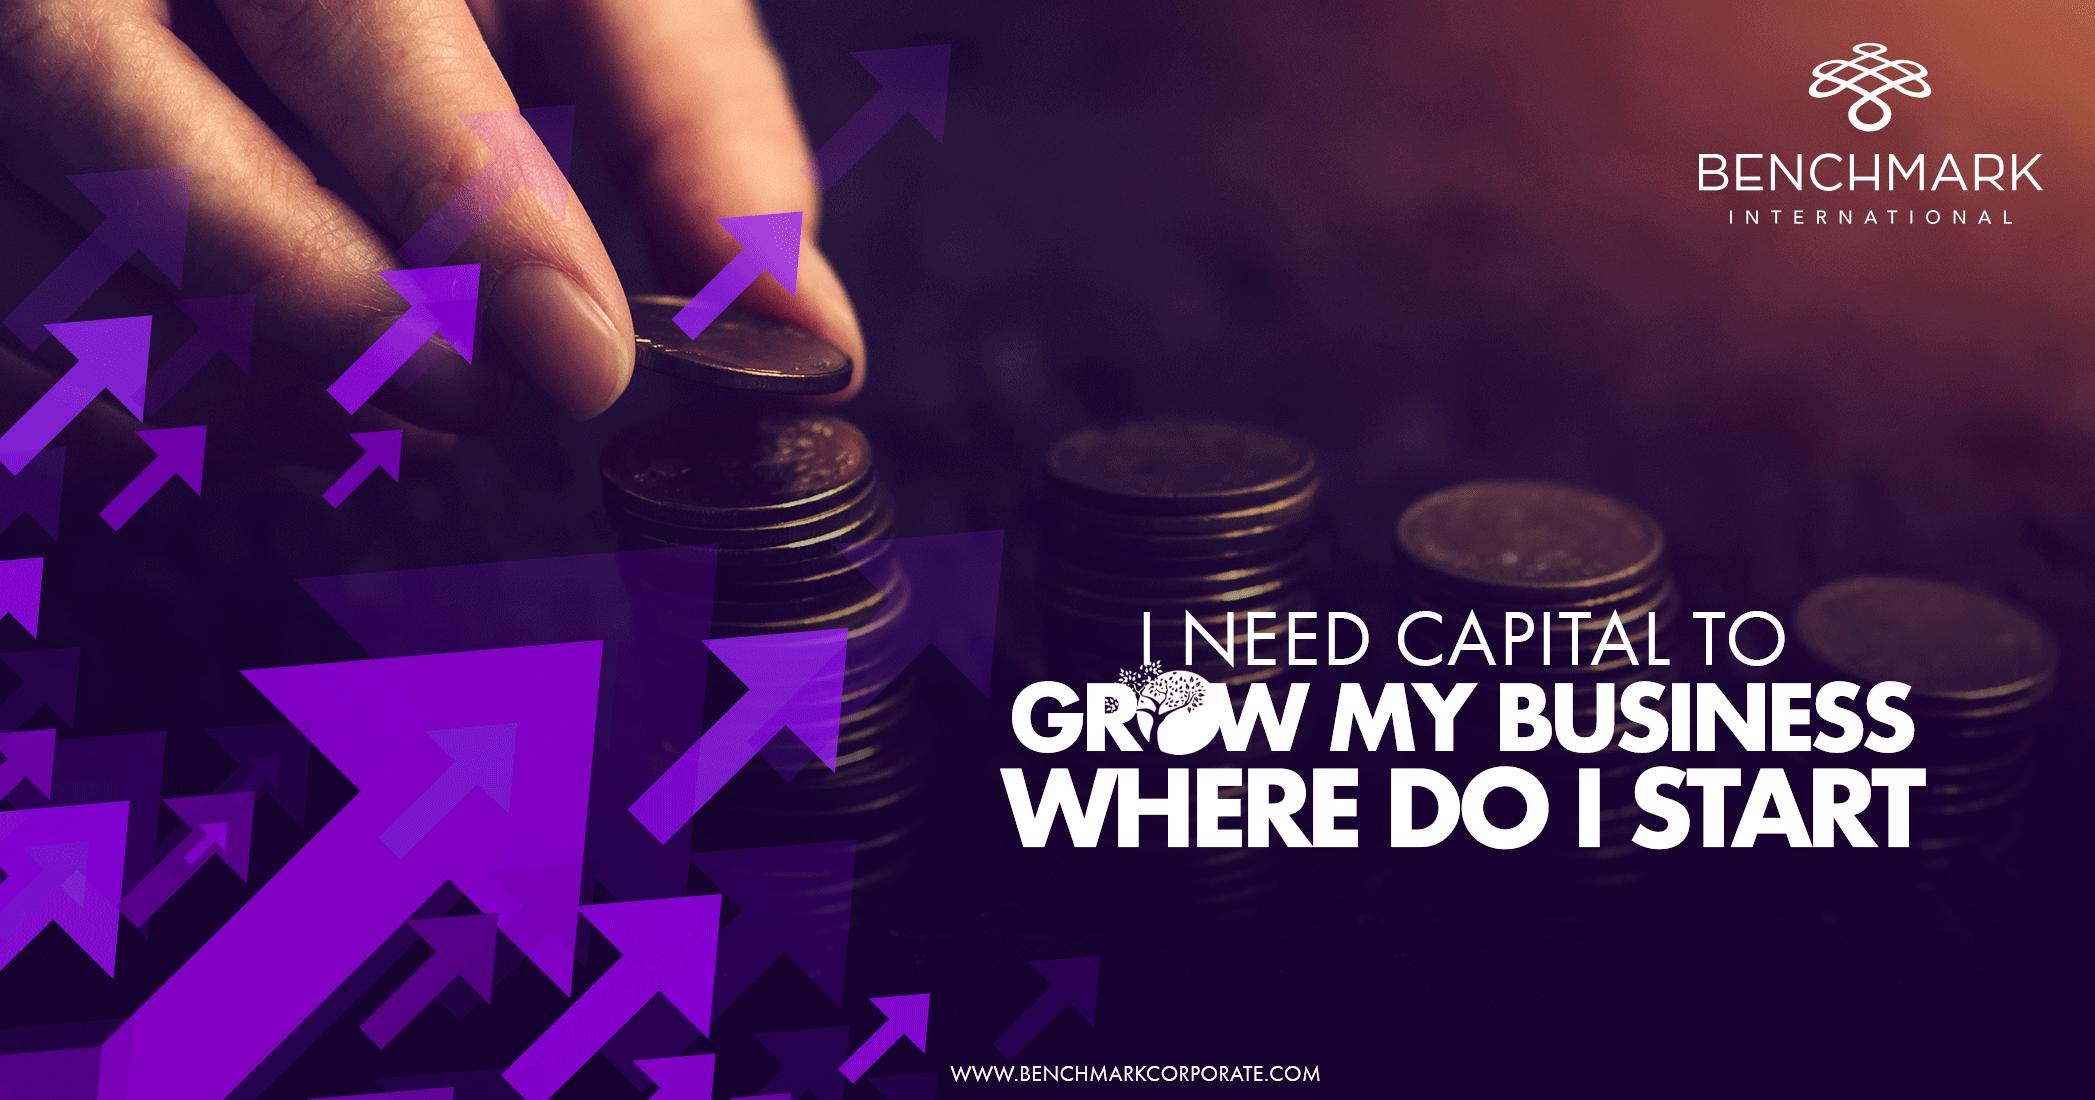 I Need Capital to Grow My Business, Where do I Start?